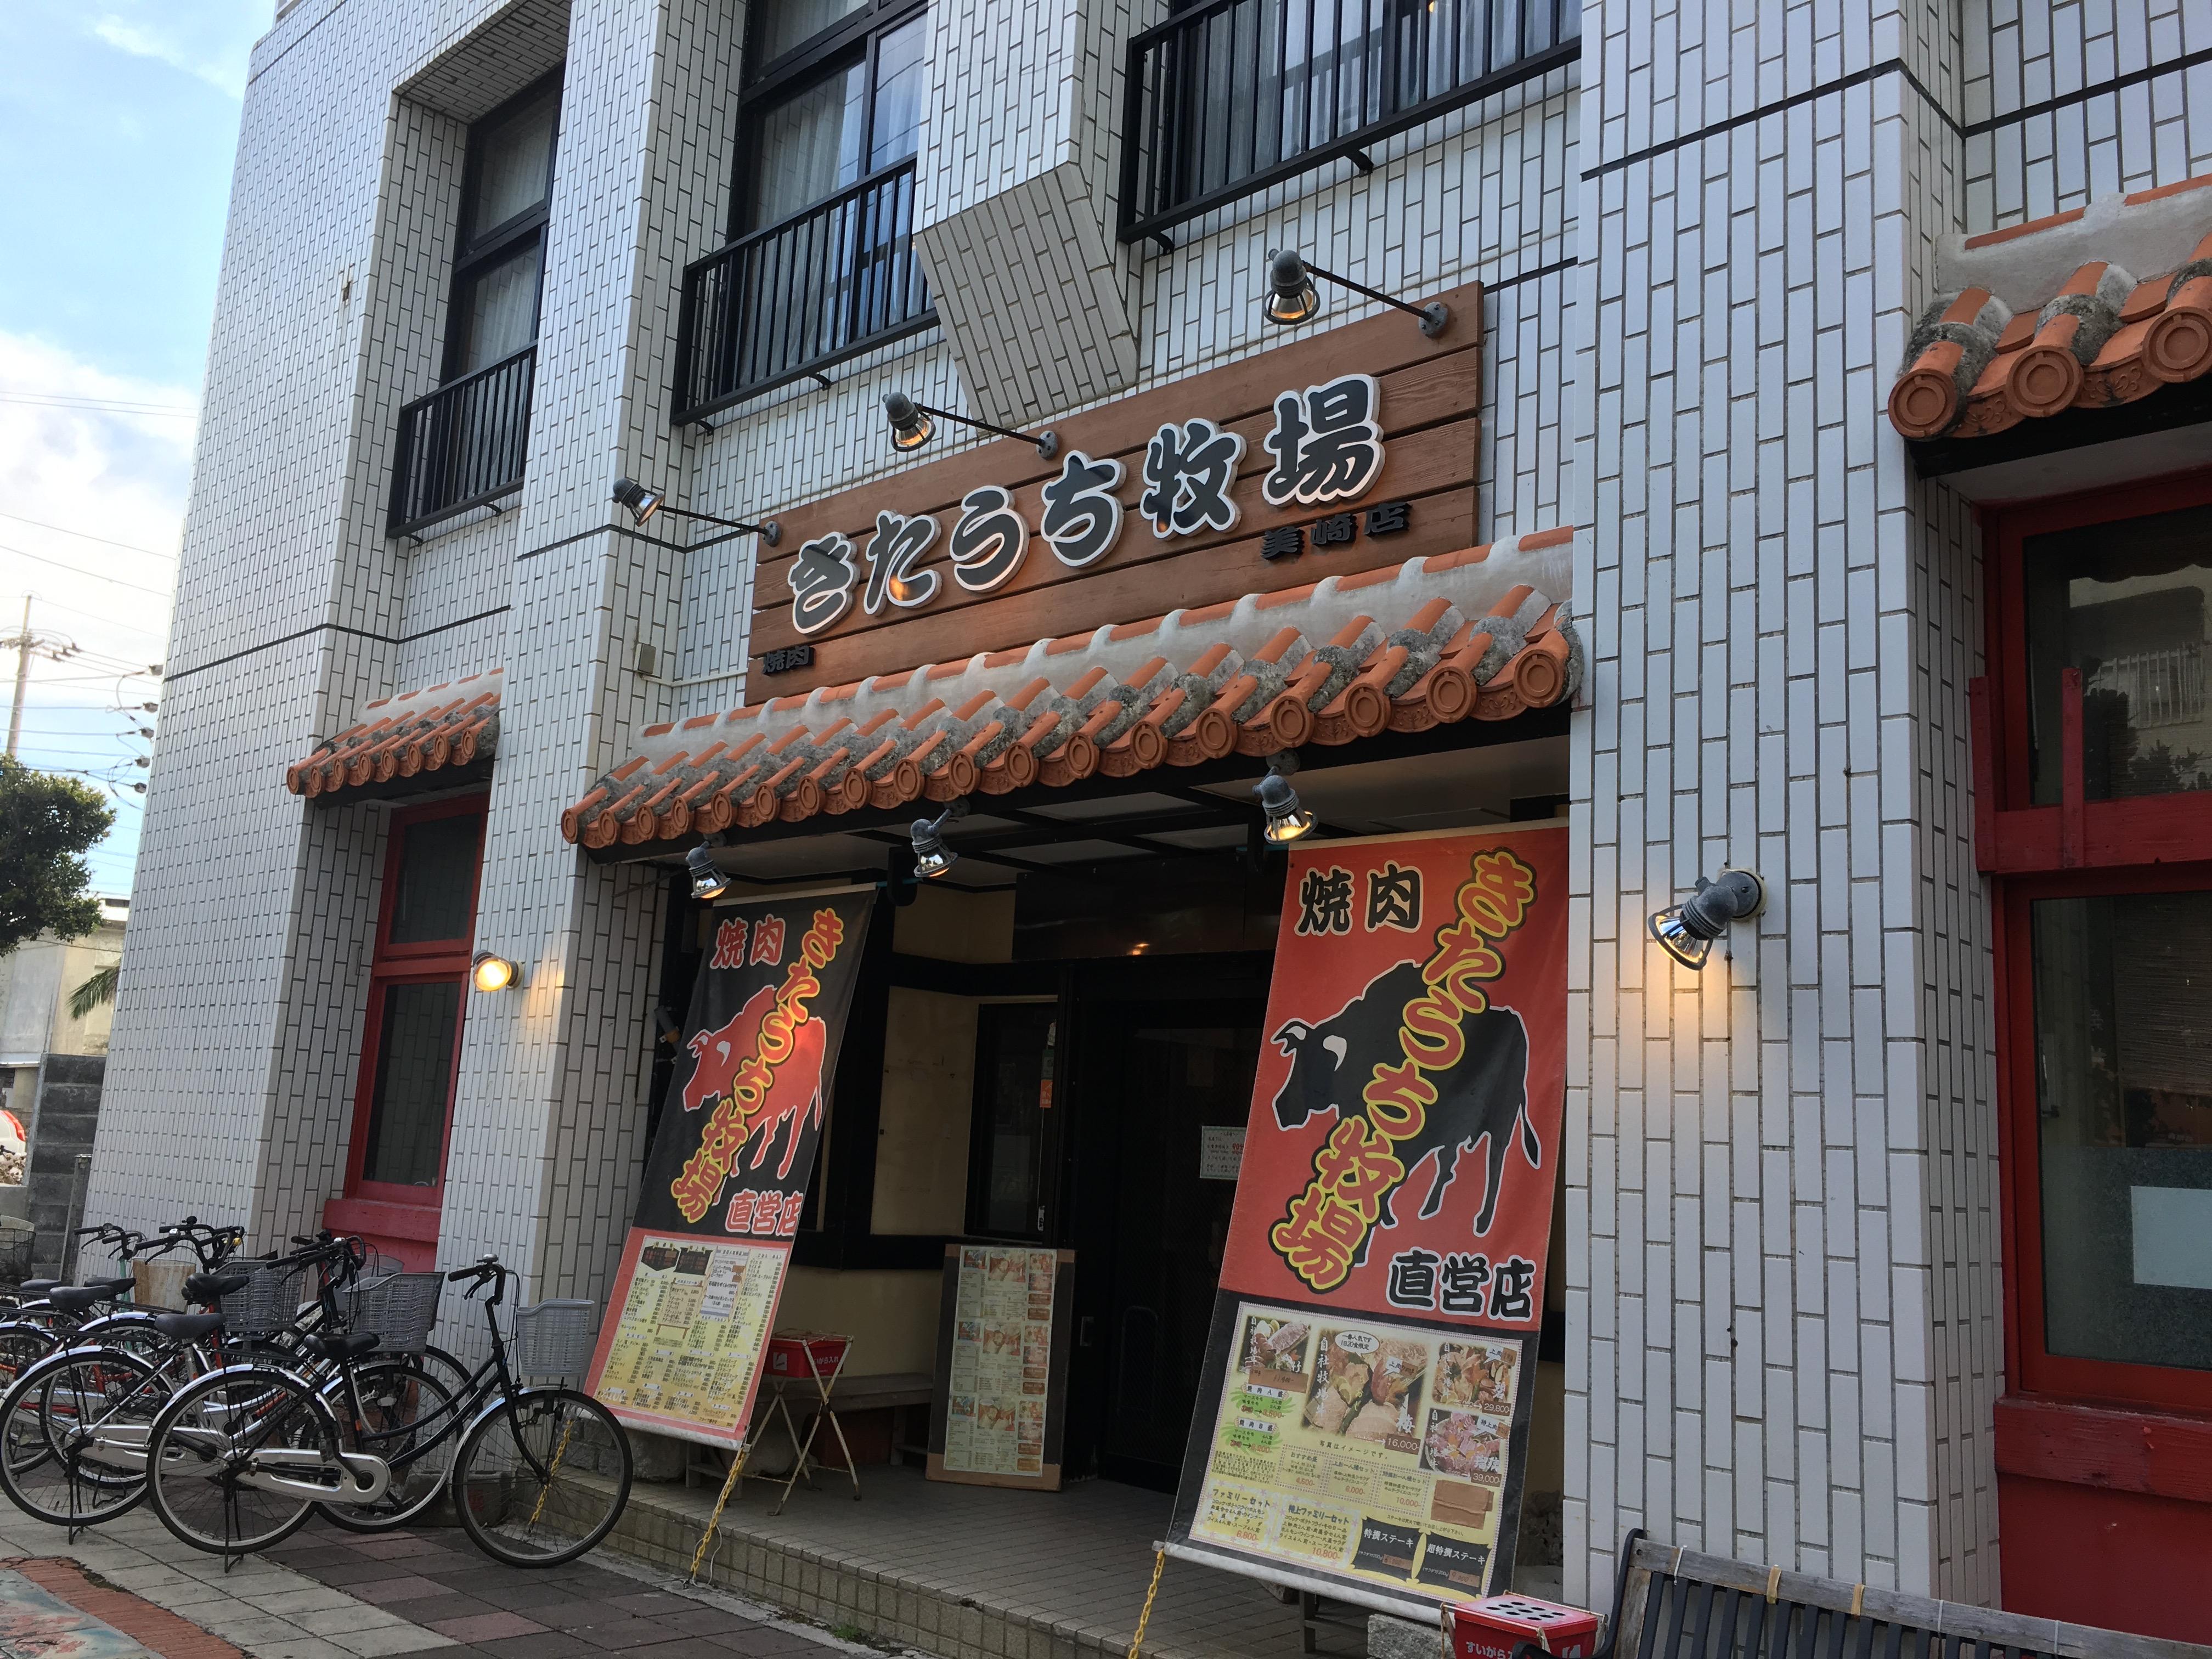 焼肉きたうち美崎店で石垣牛を食べよう!